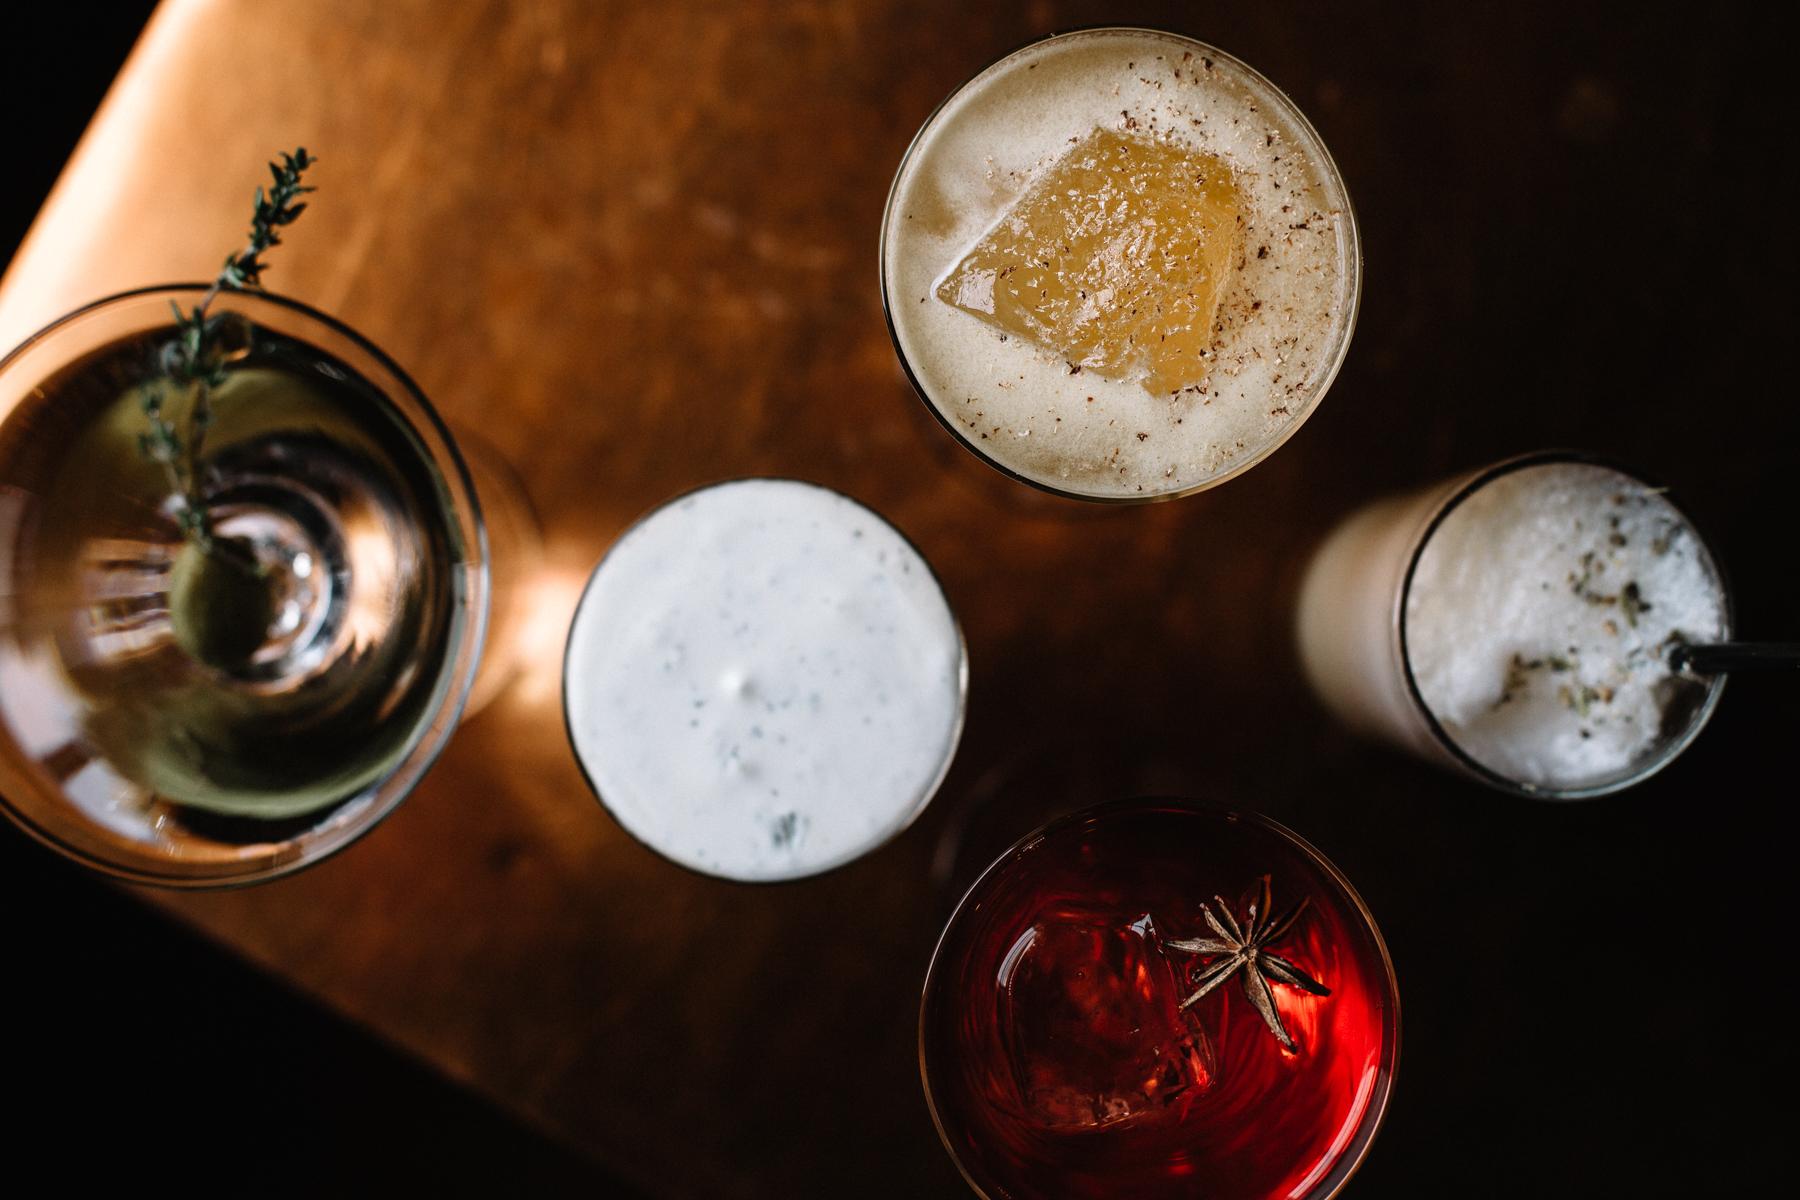 Photo: Truckee Tavern